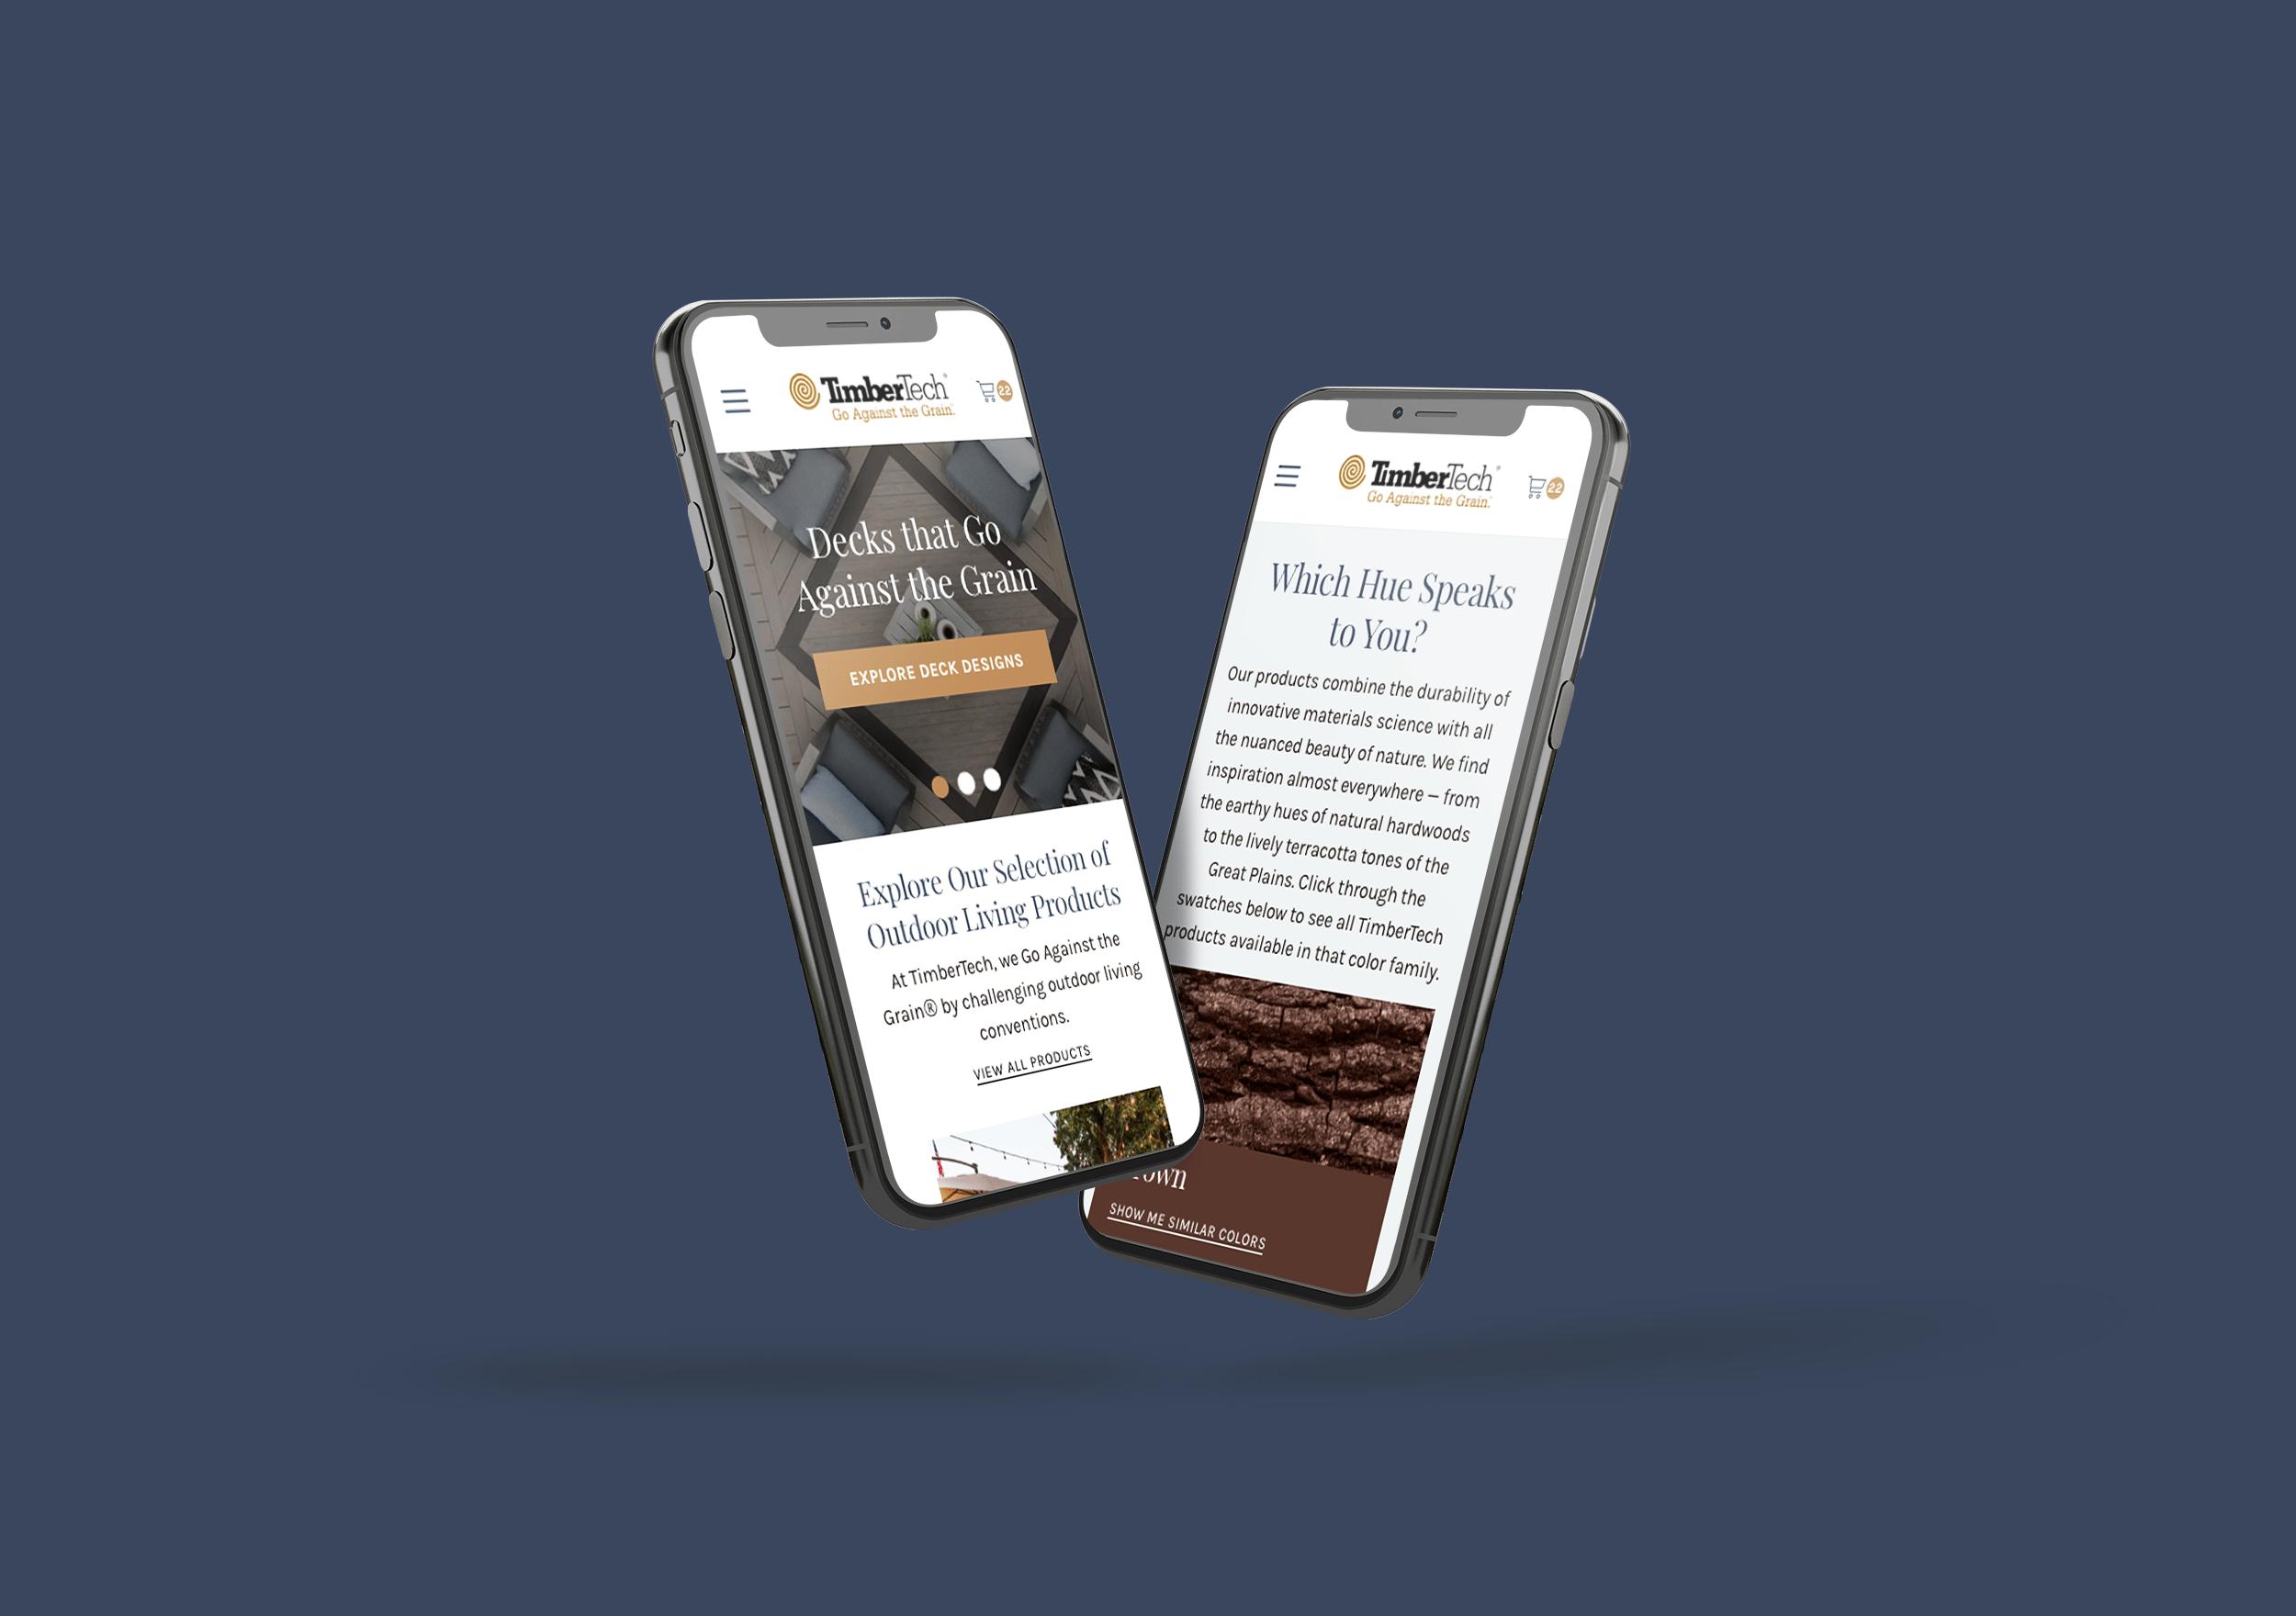 TimberTech Mobiles